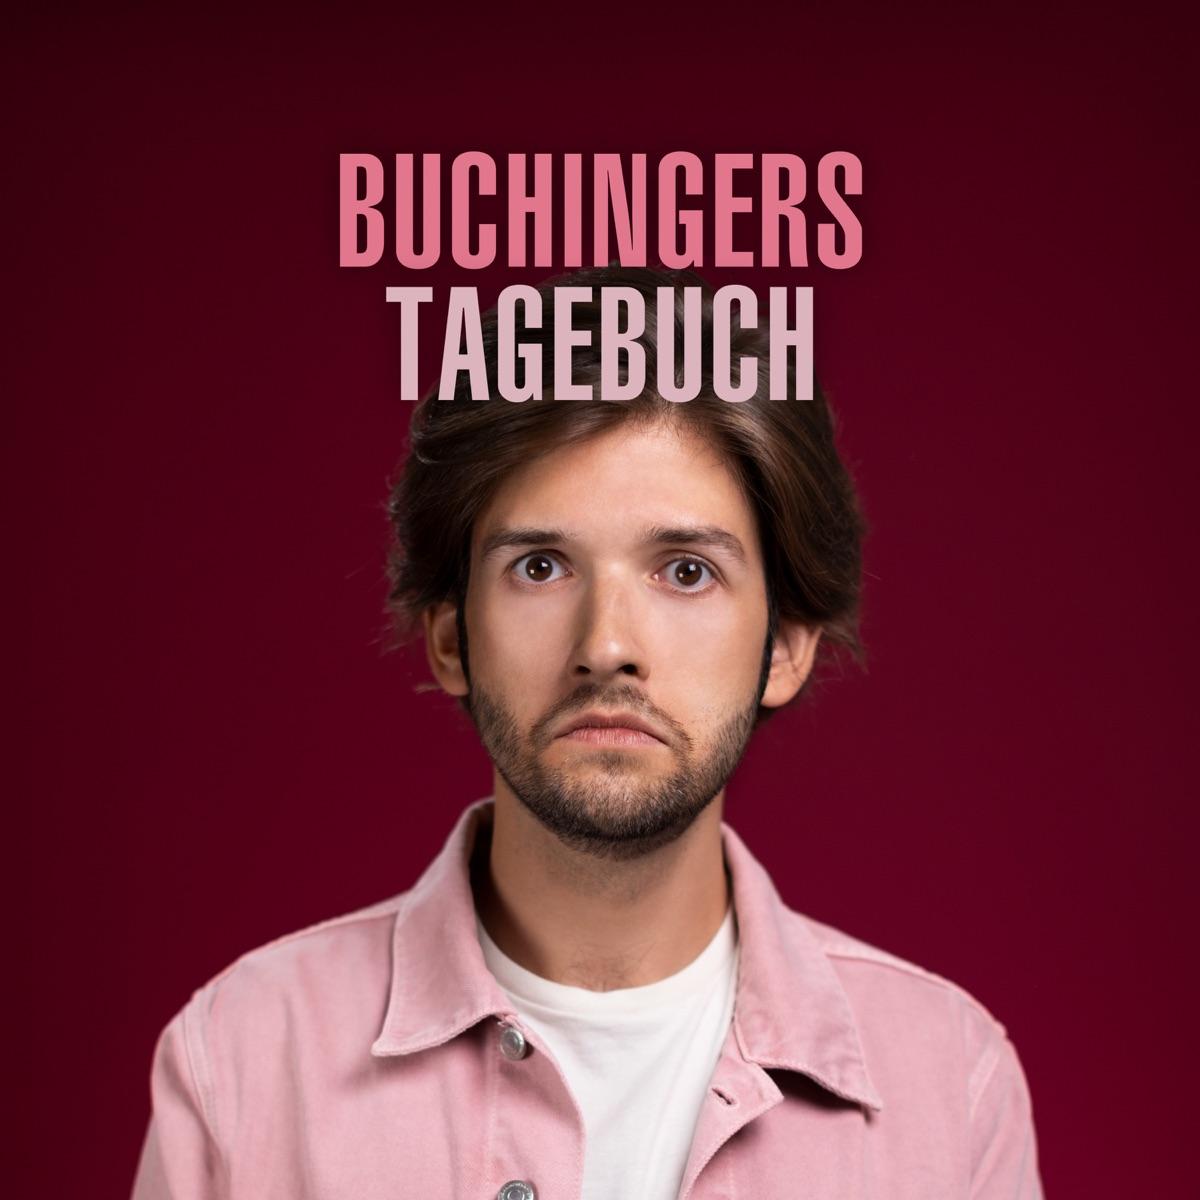 Buchingers Tagebuch